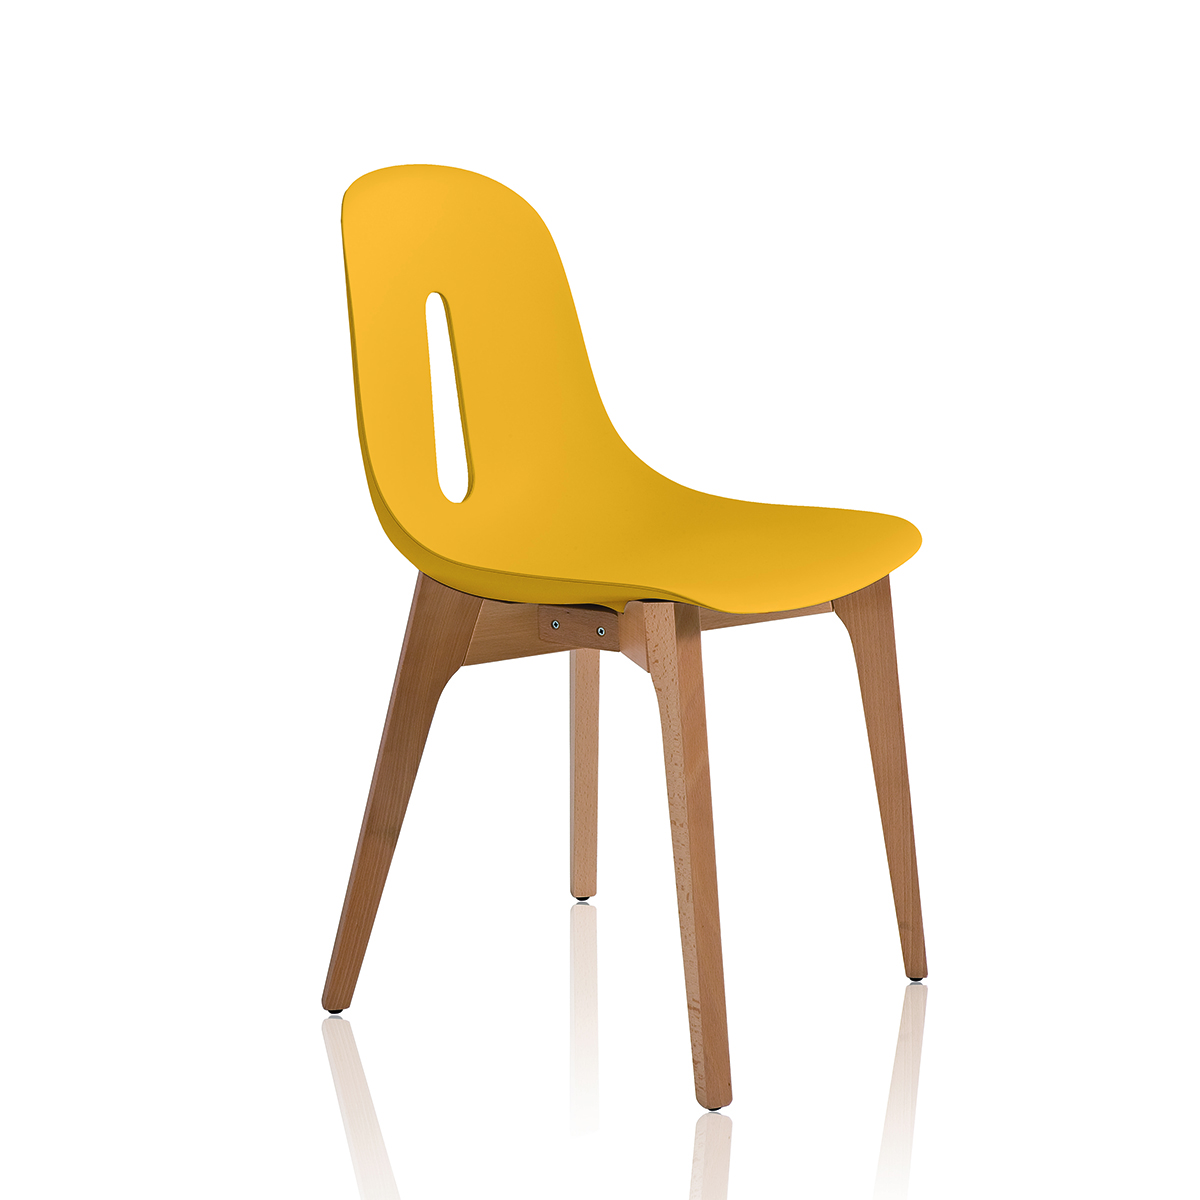 chaise jaune et design pour salle de r union. Black Bedroom Furniture Sets. Home Design Ideas